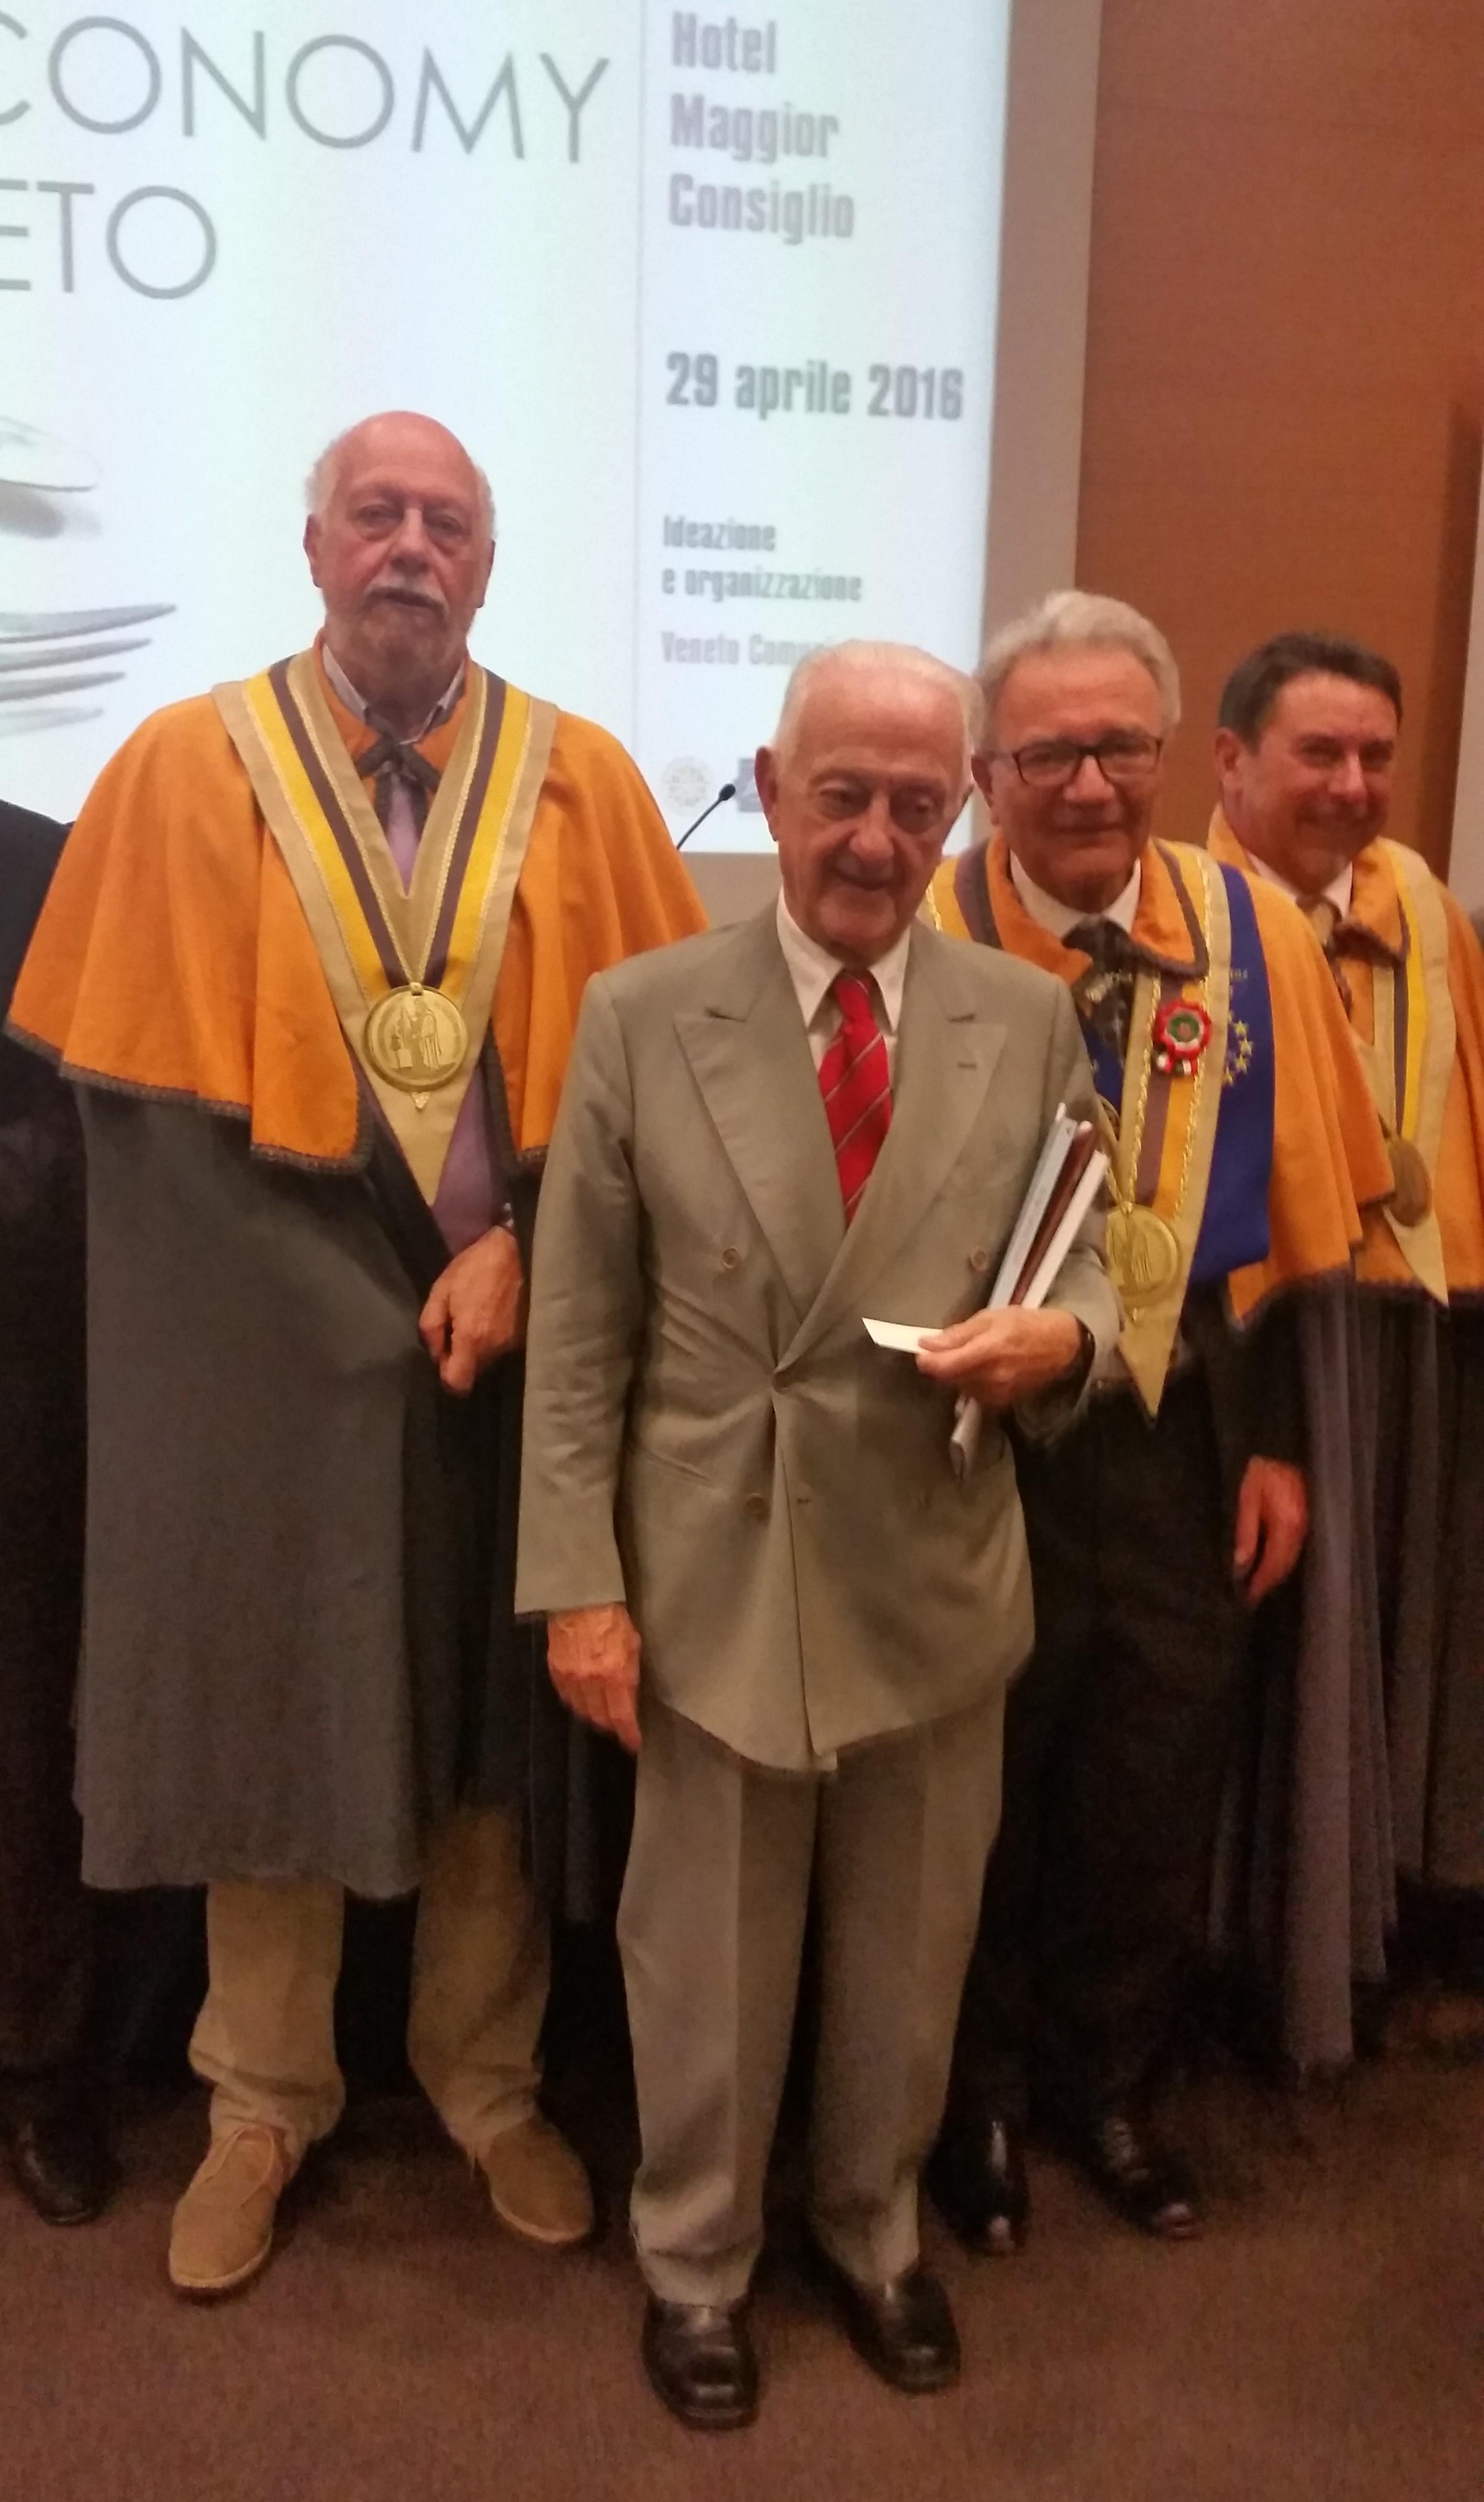 Arrigo Cipriani con Il Presidente Righi ed i Confratelli Cacciatori e Moffa